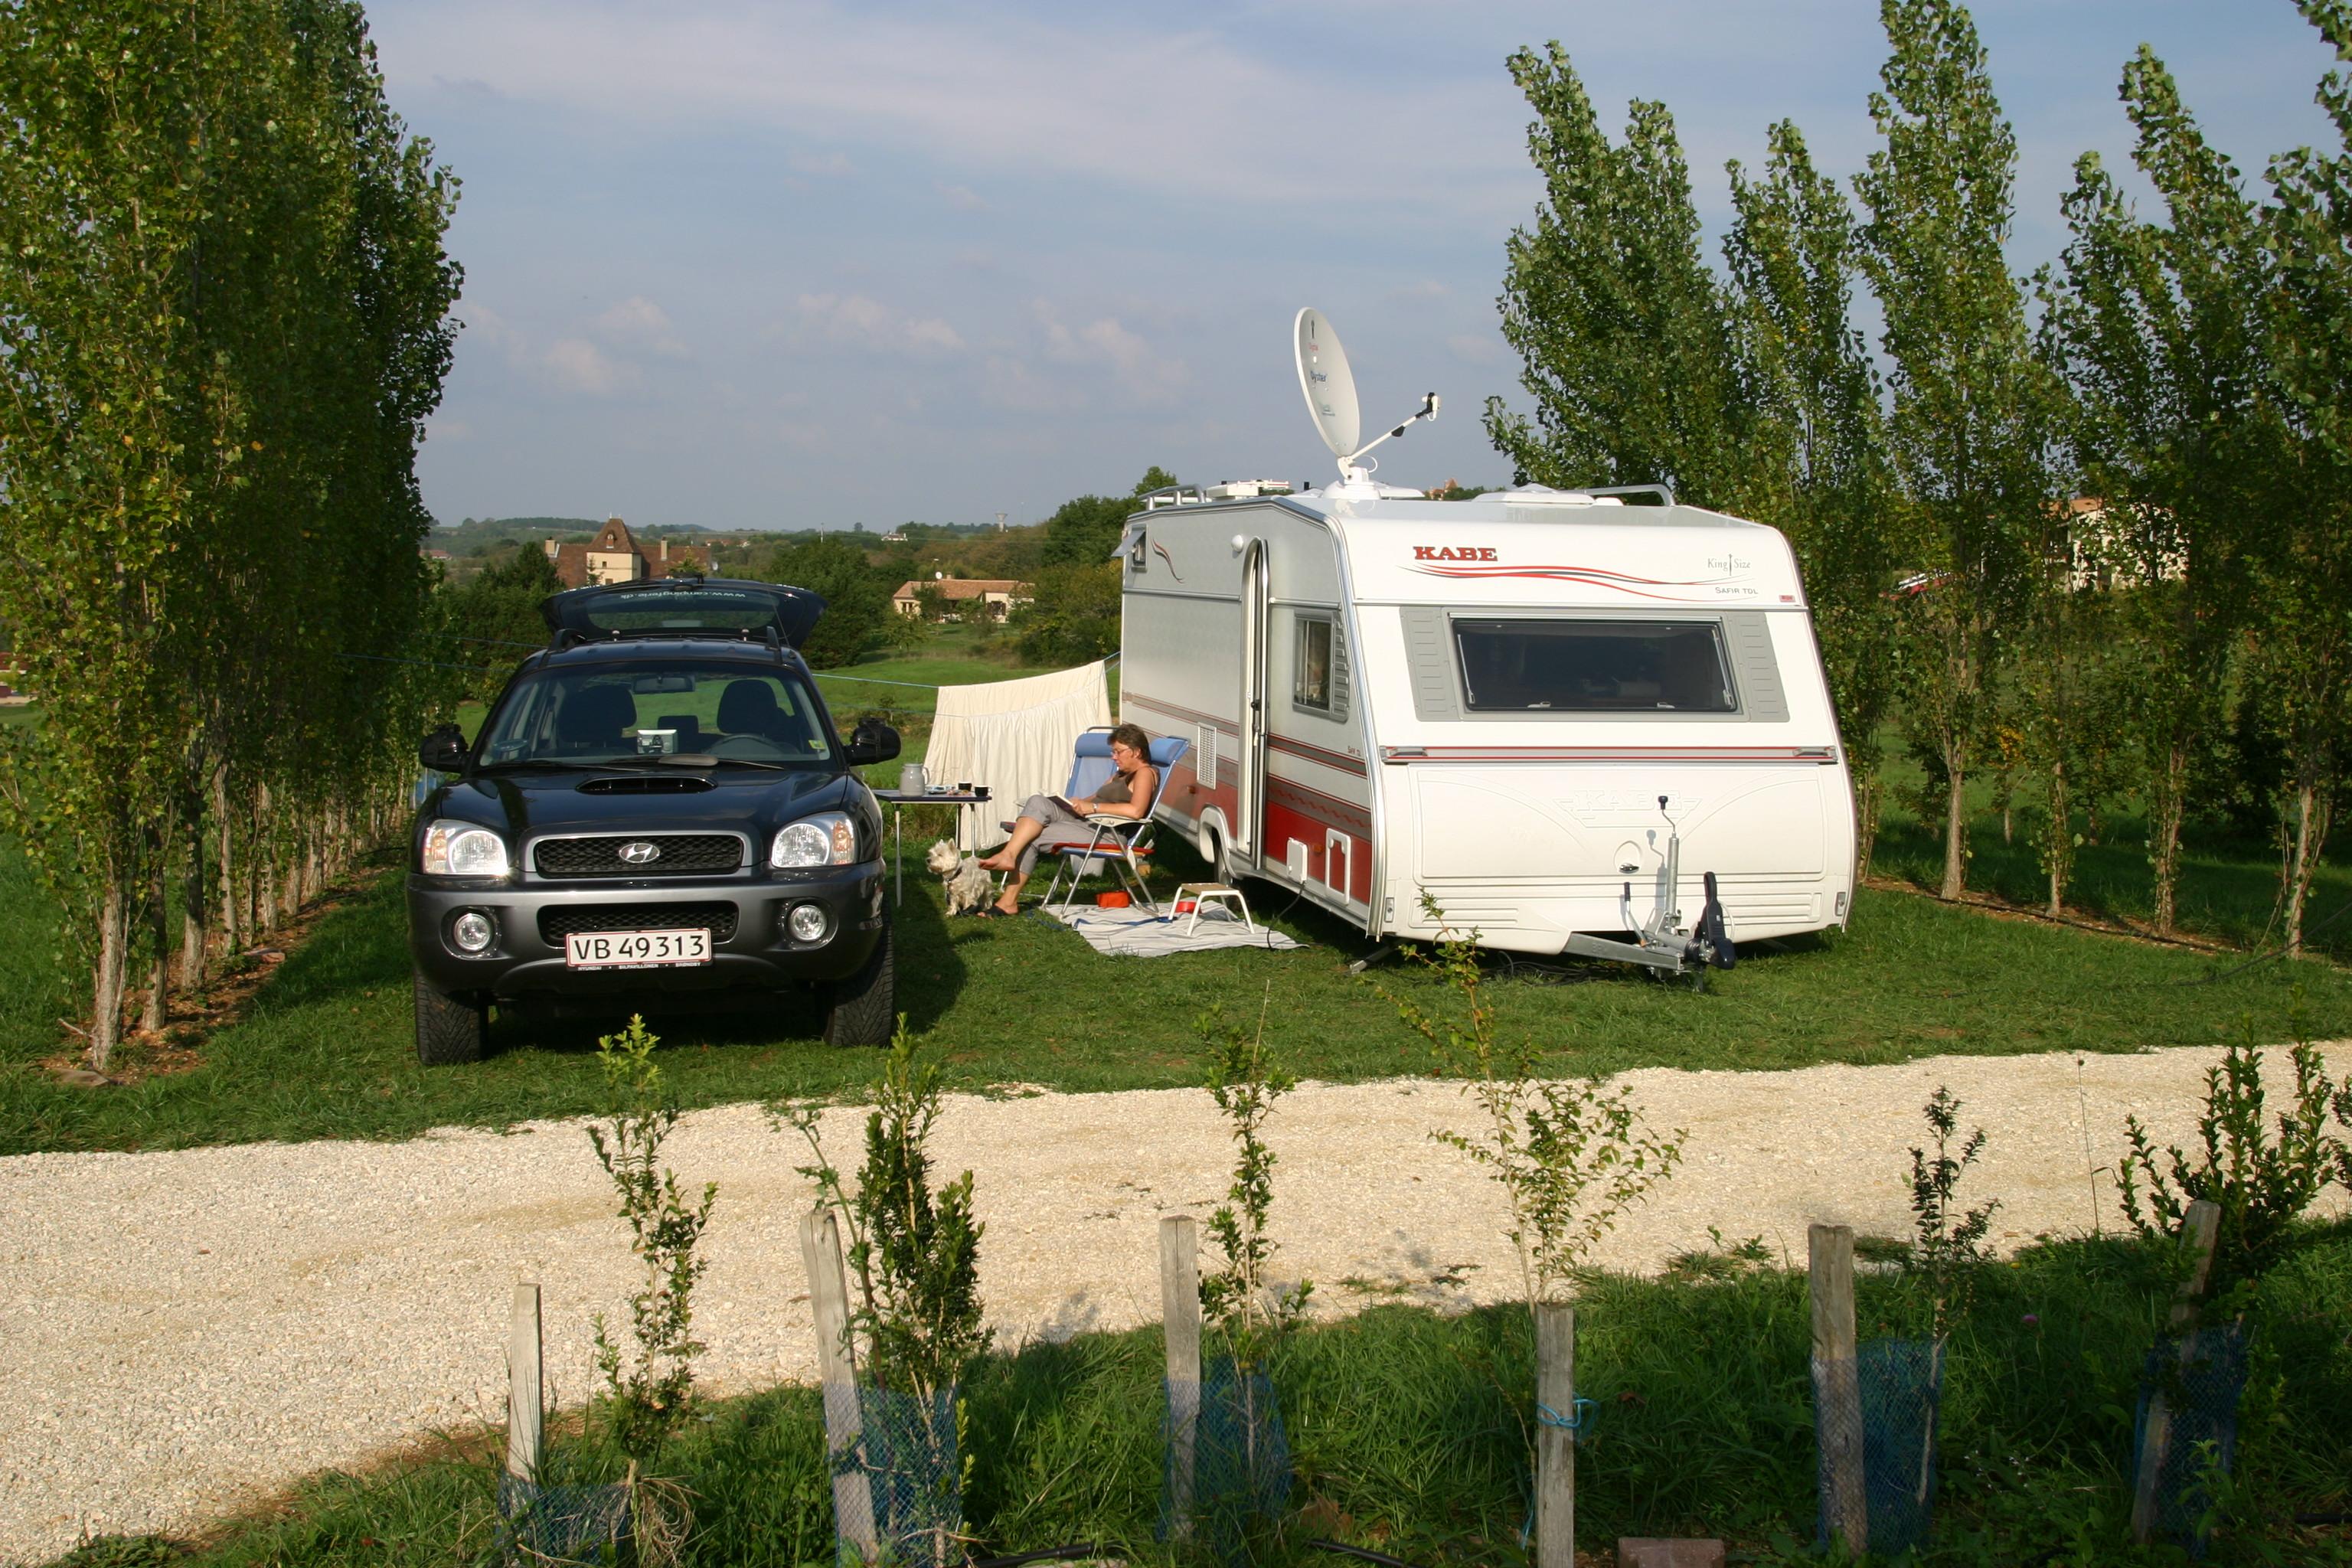 Uden for sæsonen (foto 271) Vi rejste fra slutningen af september til starten af november og det må siges at være uden for sæsonen. Undervejs fandt vi ind i en rytme hvor vi boede samme sted 2-3 dage før vi kørte 200-300 km videre til næste område. Selvfølgelig kan man ikke se alt, men man får et rigtig godt indtryk af stederne og områderne. Det der virkede stærkest var selvfølgelig de mange lukkede sommerrestauranter og de halv- og heltomme campingpladser. Men på sammen tid var det også charmerende på en måde, når vi gik en tur på en stor campingplads hvor vi stort set boede som de eneste.